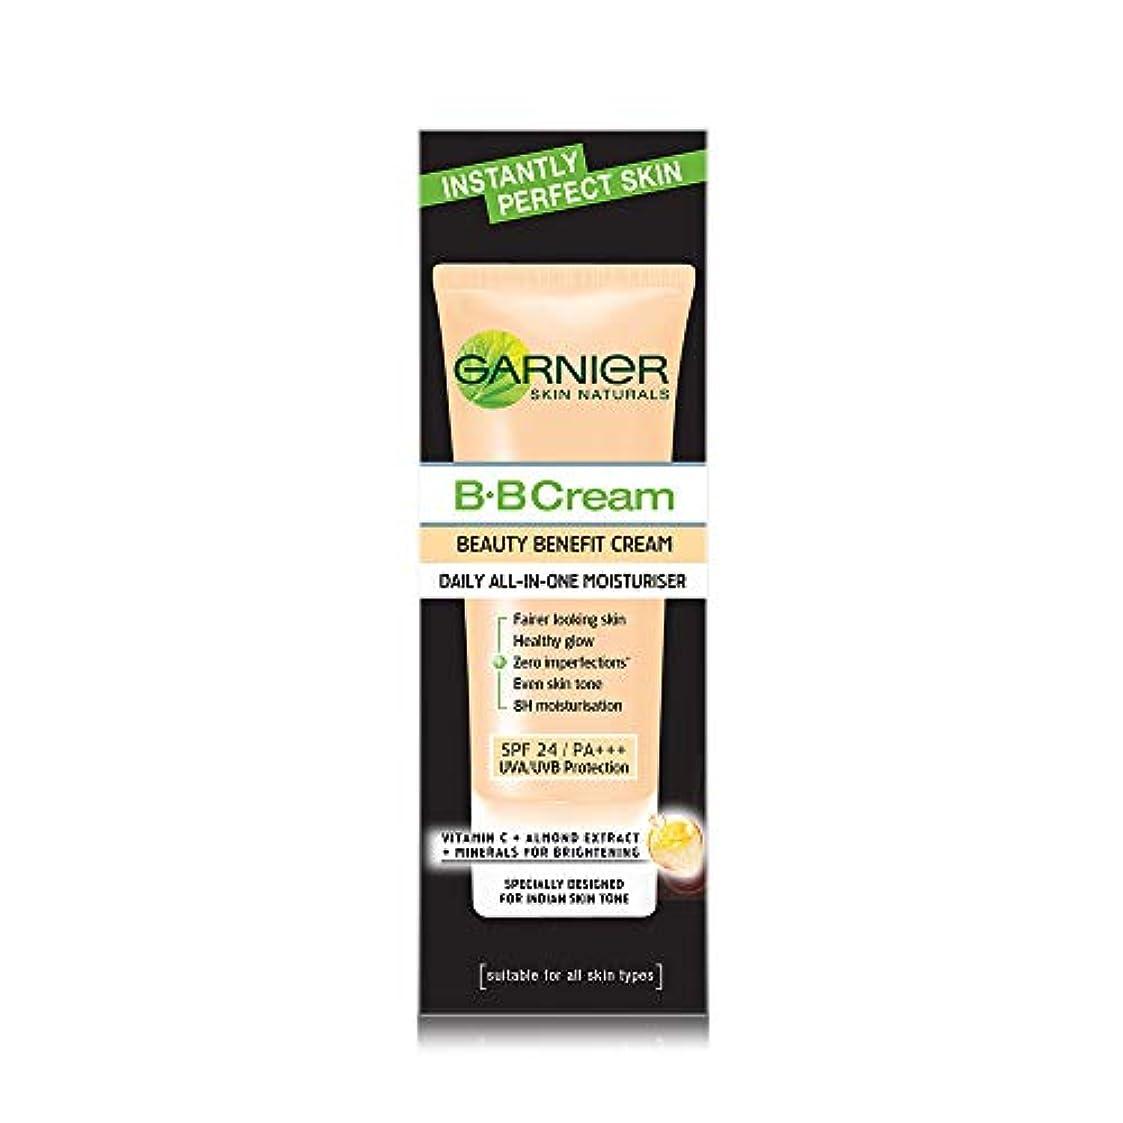 角度結果として兄Garnier Skin Naturals Instantly Perfect Skin Perfector BB Cream, 30g